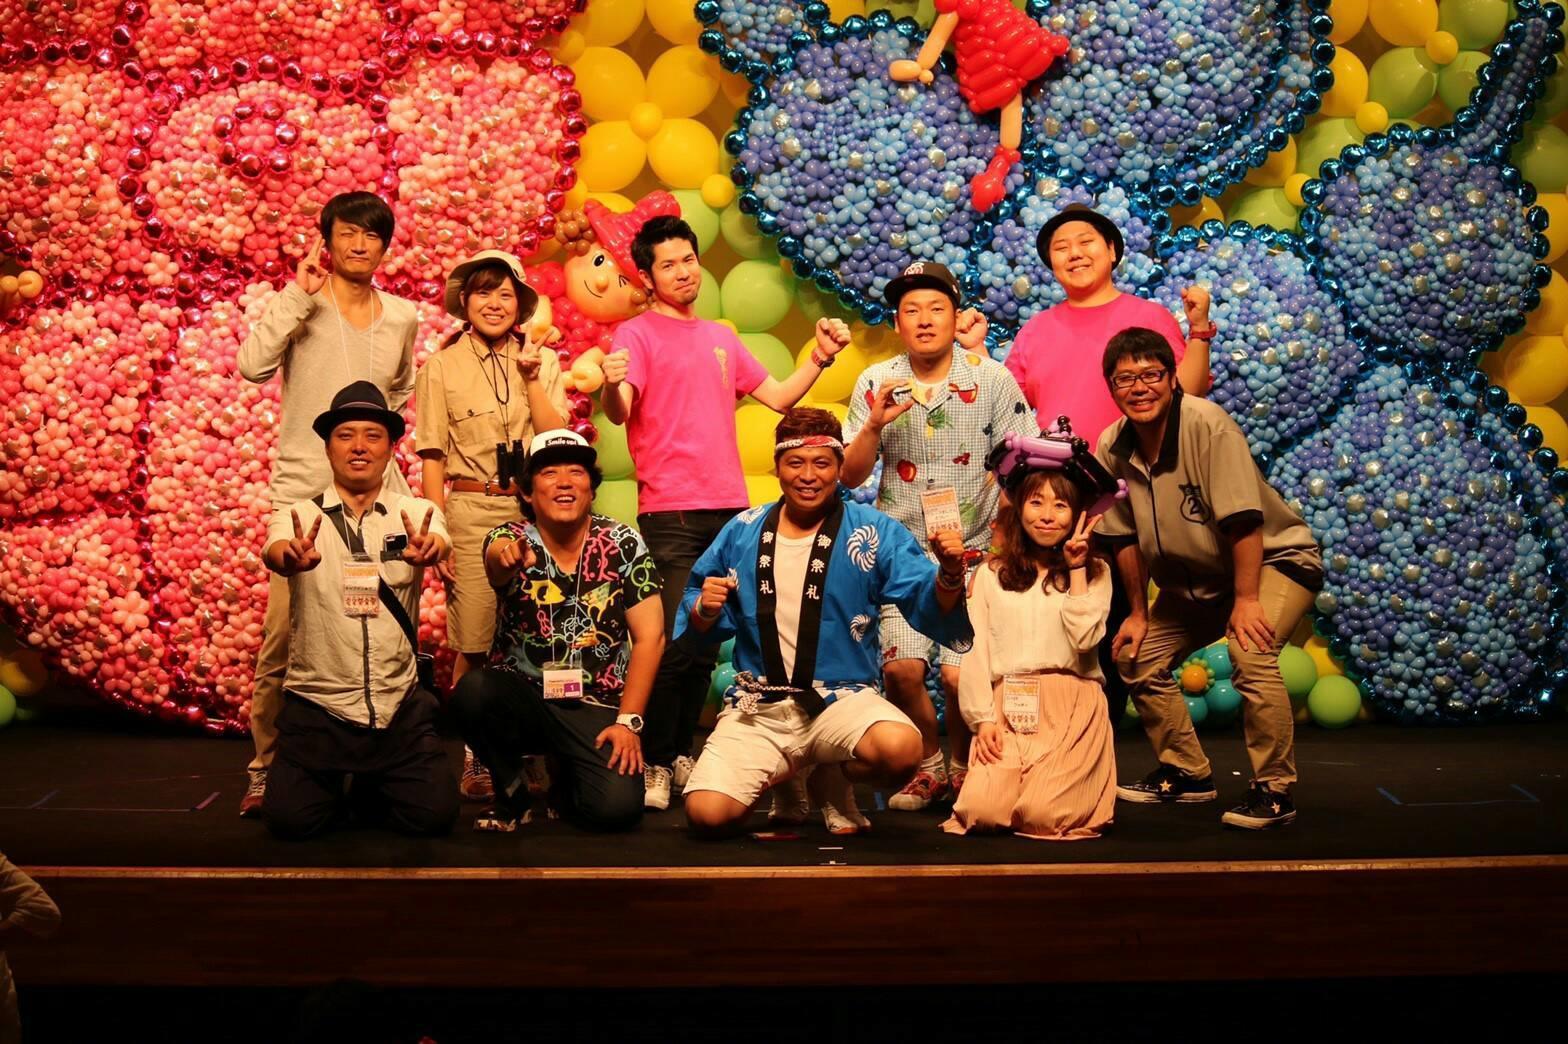 http://news.yoshimoto.co.jp/20170630135409-224f498fa156ab8b02f24523fff0f903ae03aac7.jpg